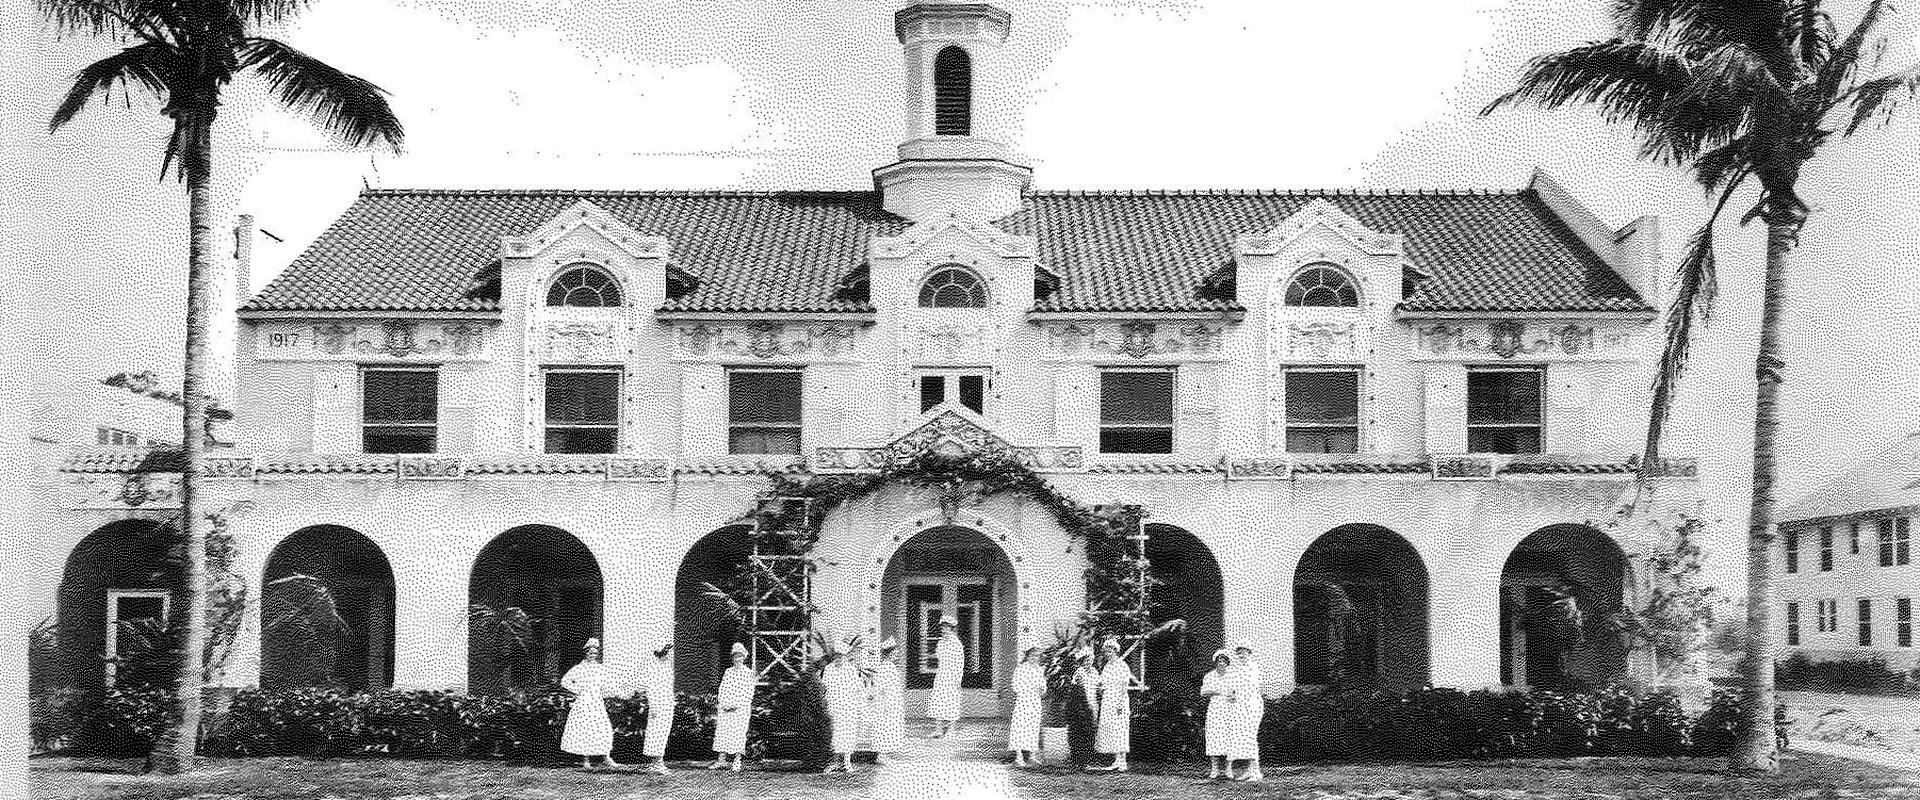 Miami city hospital and nurses